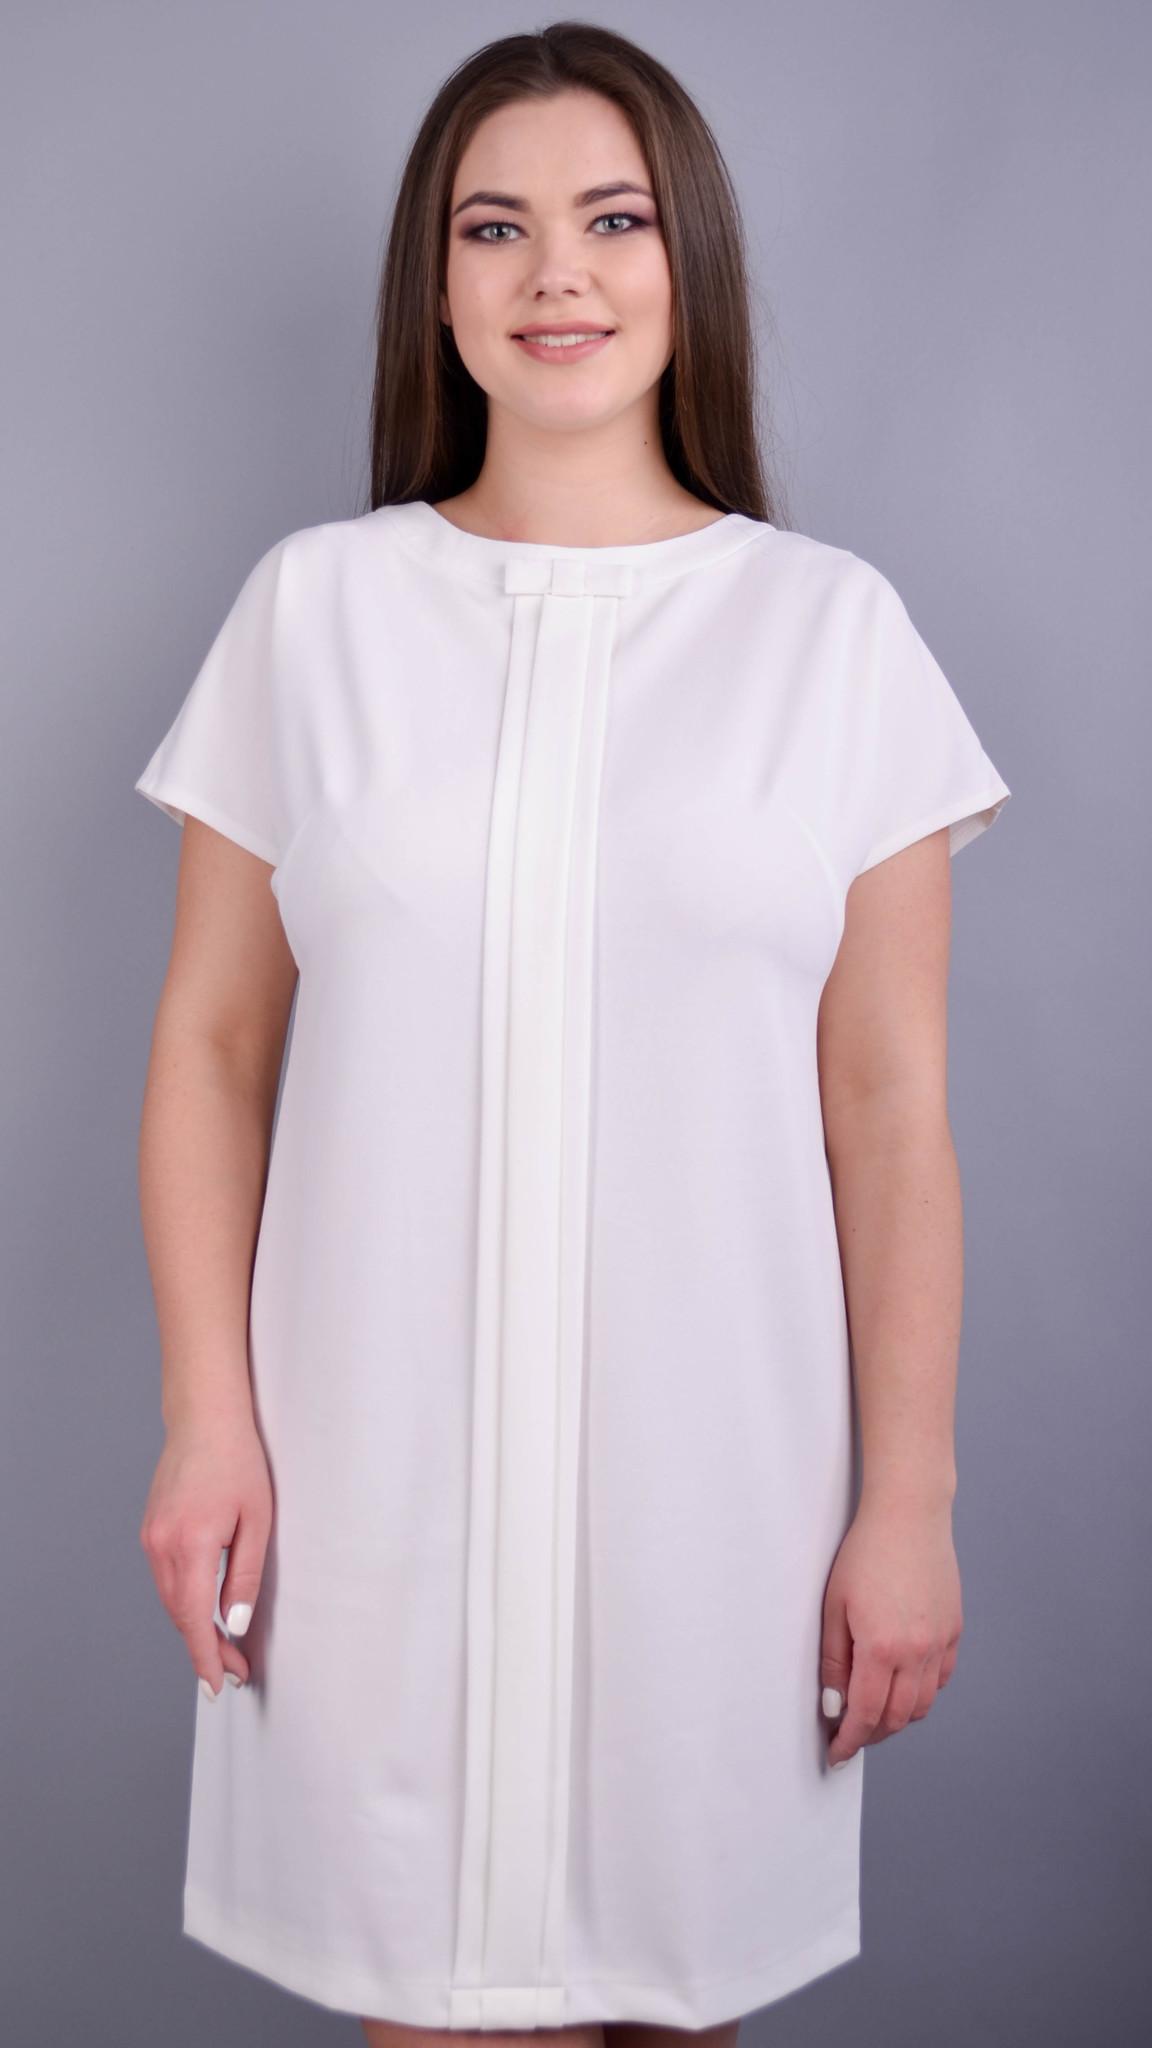 Варвара. Вишукана сукня для жінок плюс сайз. Молоко.